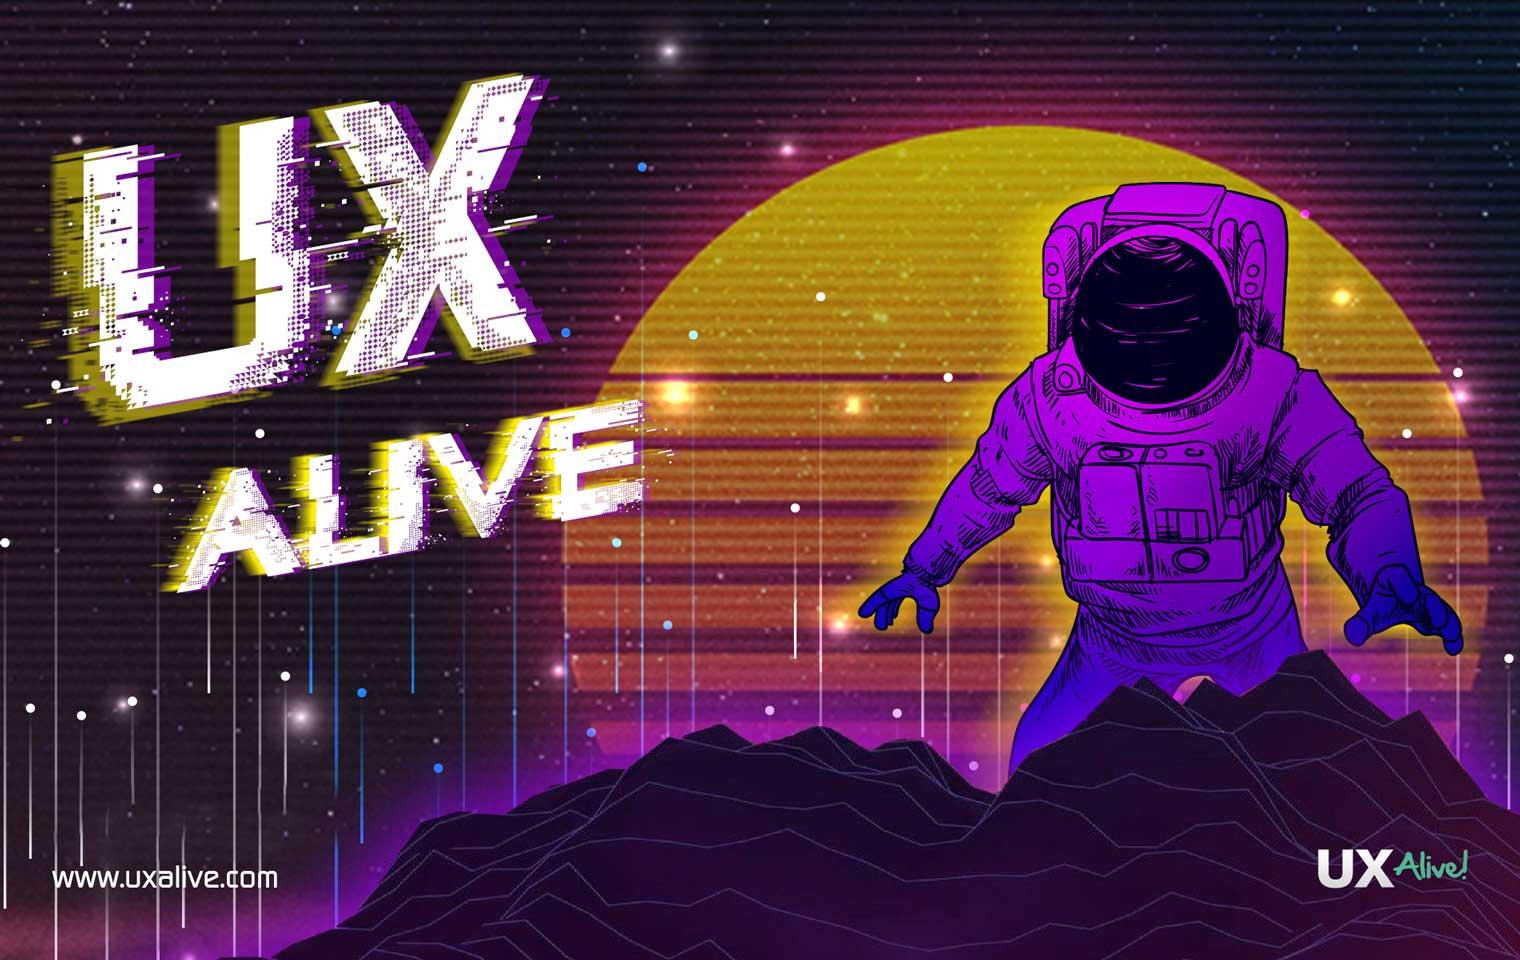 ux-alive